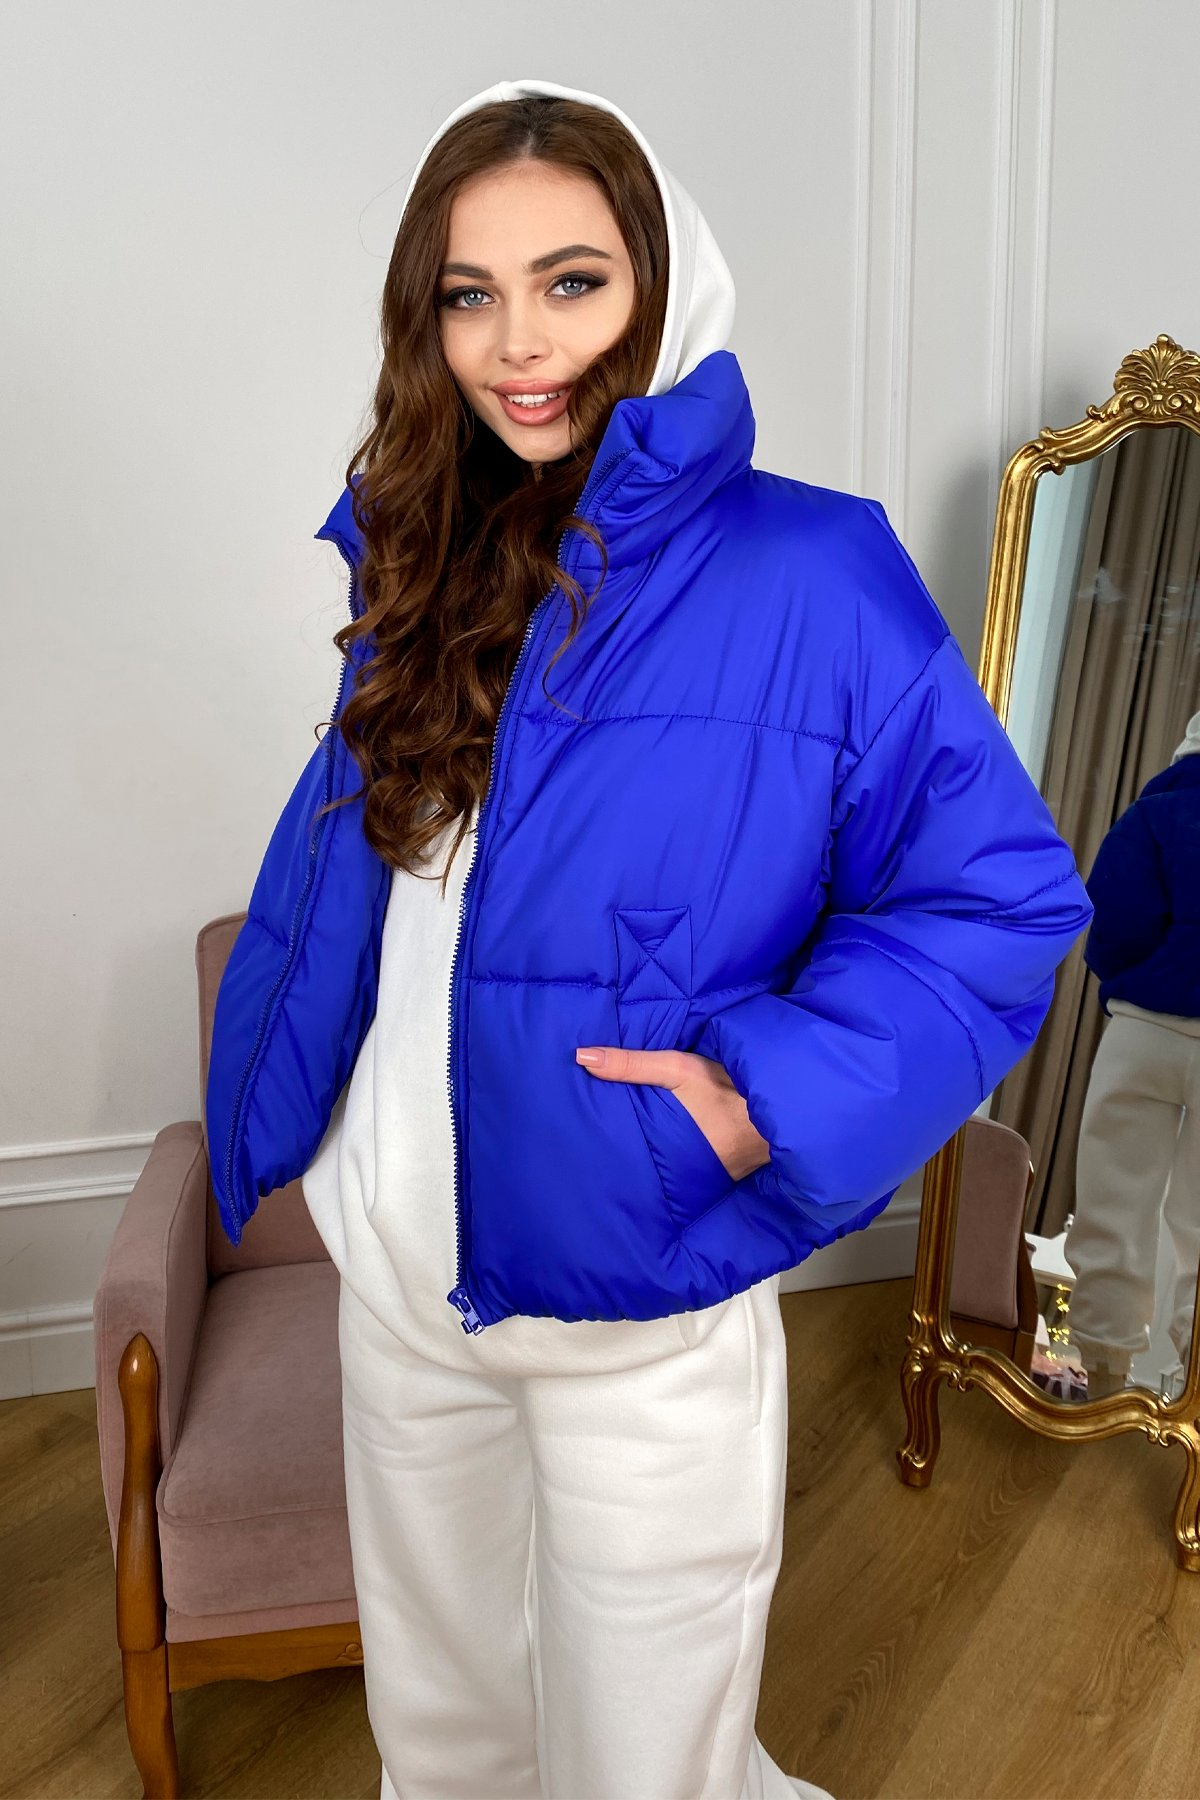 Драйв куртка из плащевой ткани 10448 АРТ. 46769 Цвет: Электрик 1052 - фото 1, интернет магазин tm-modus.ru